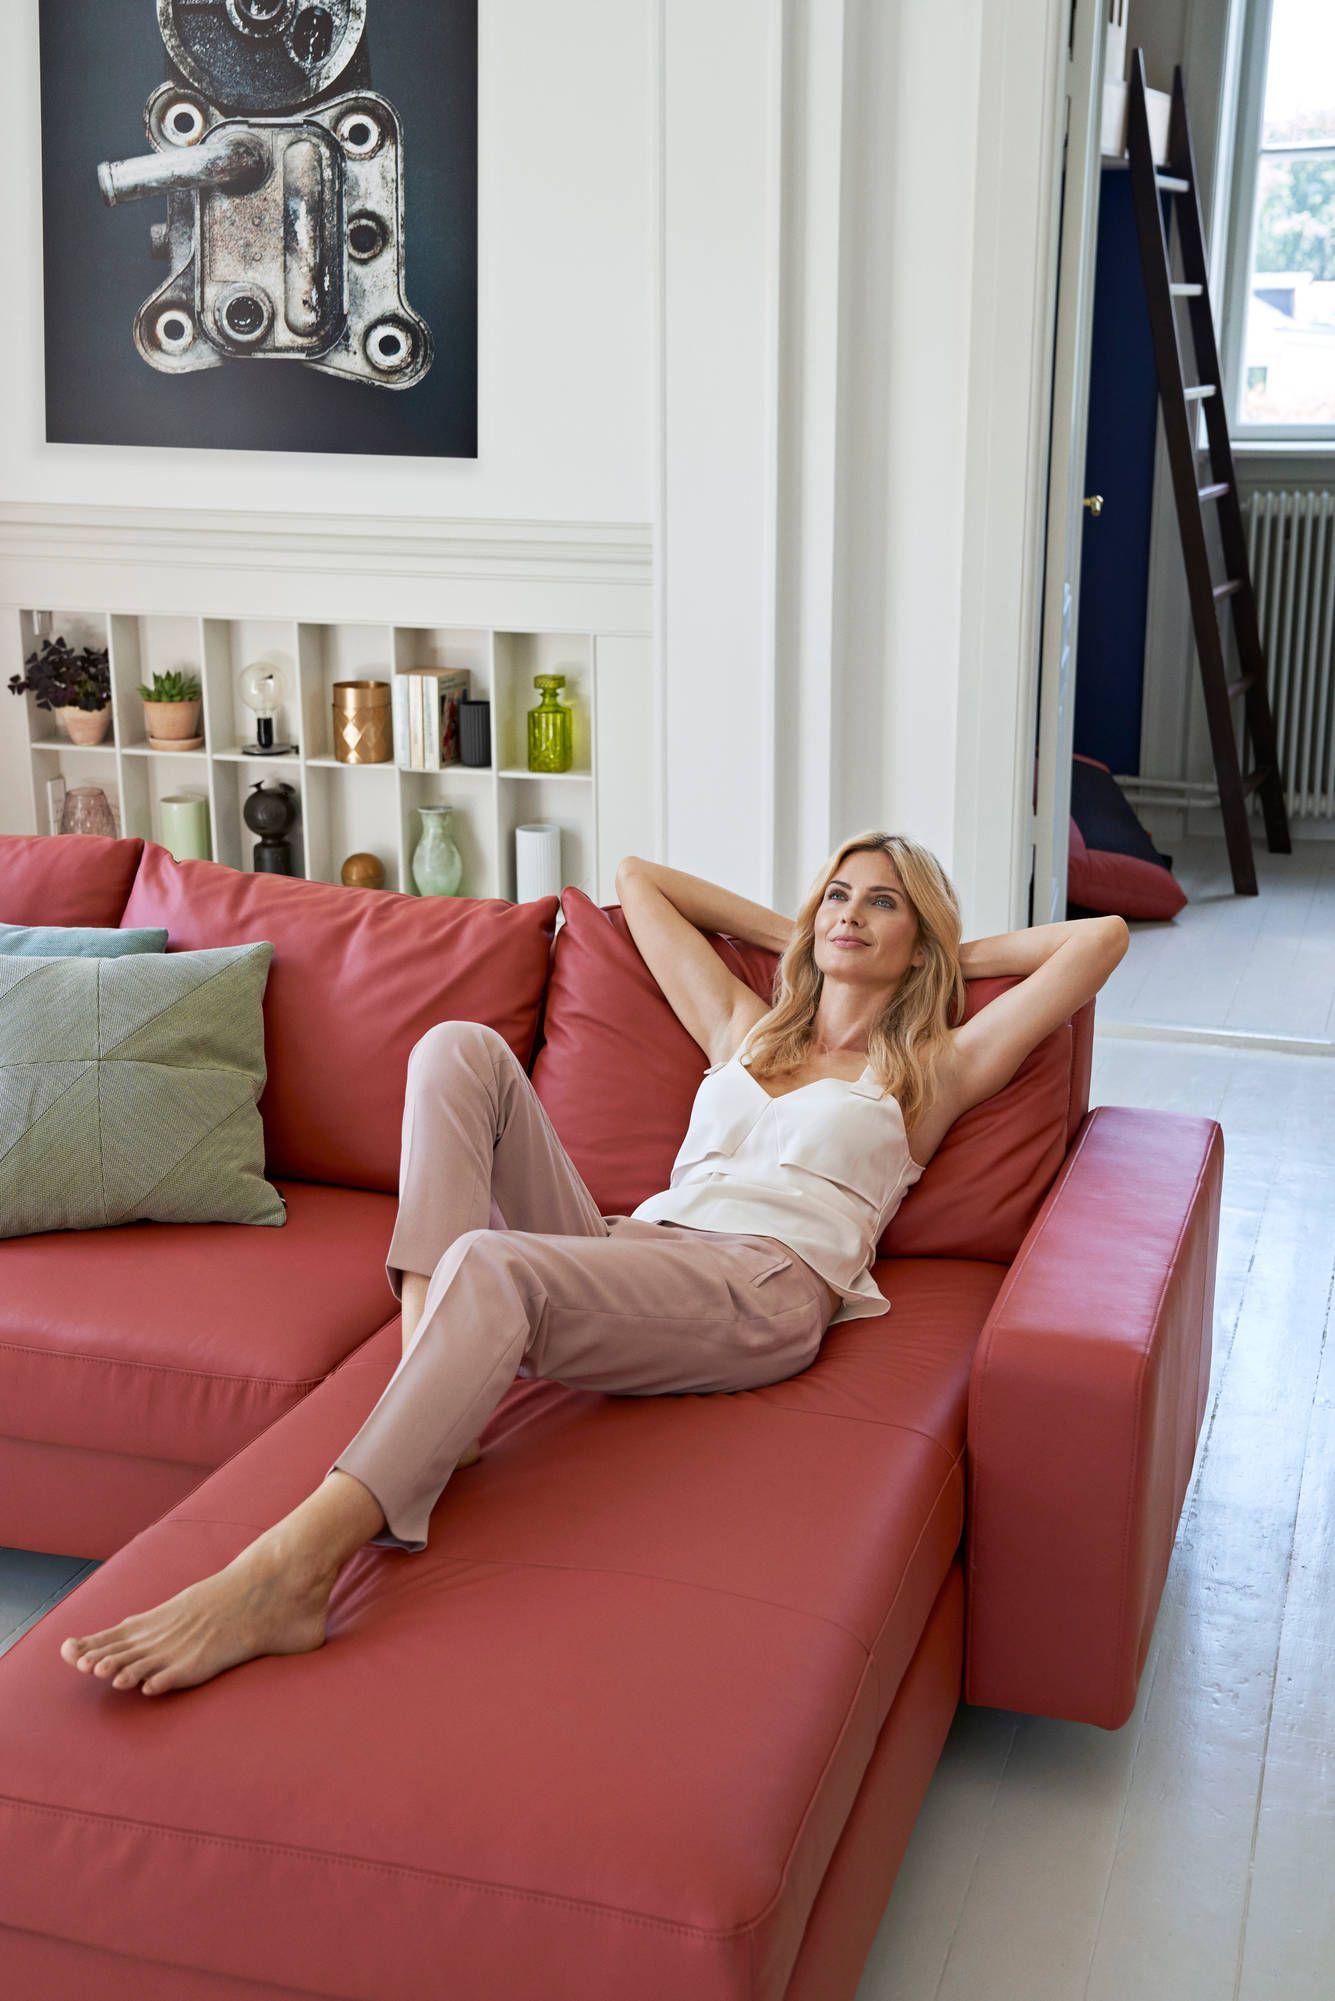 Endlich Wochenende Stressless E200 Sofa mit ErgoAdapt™ System in